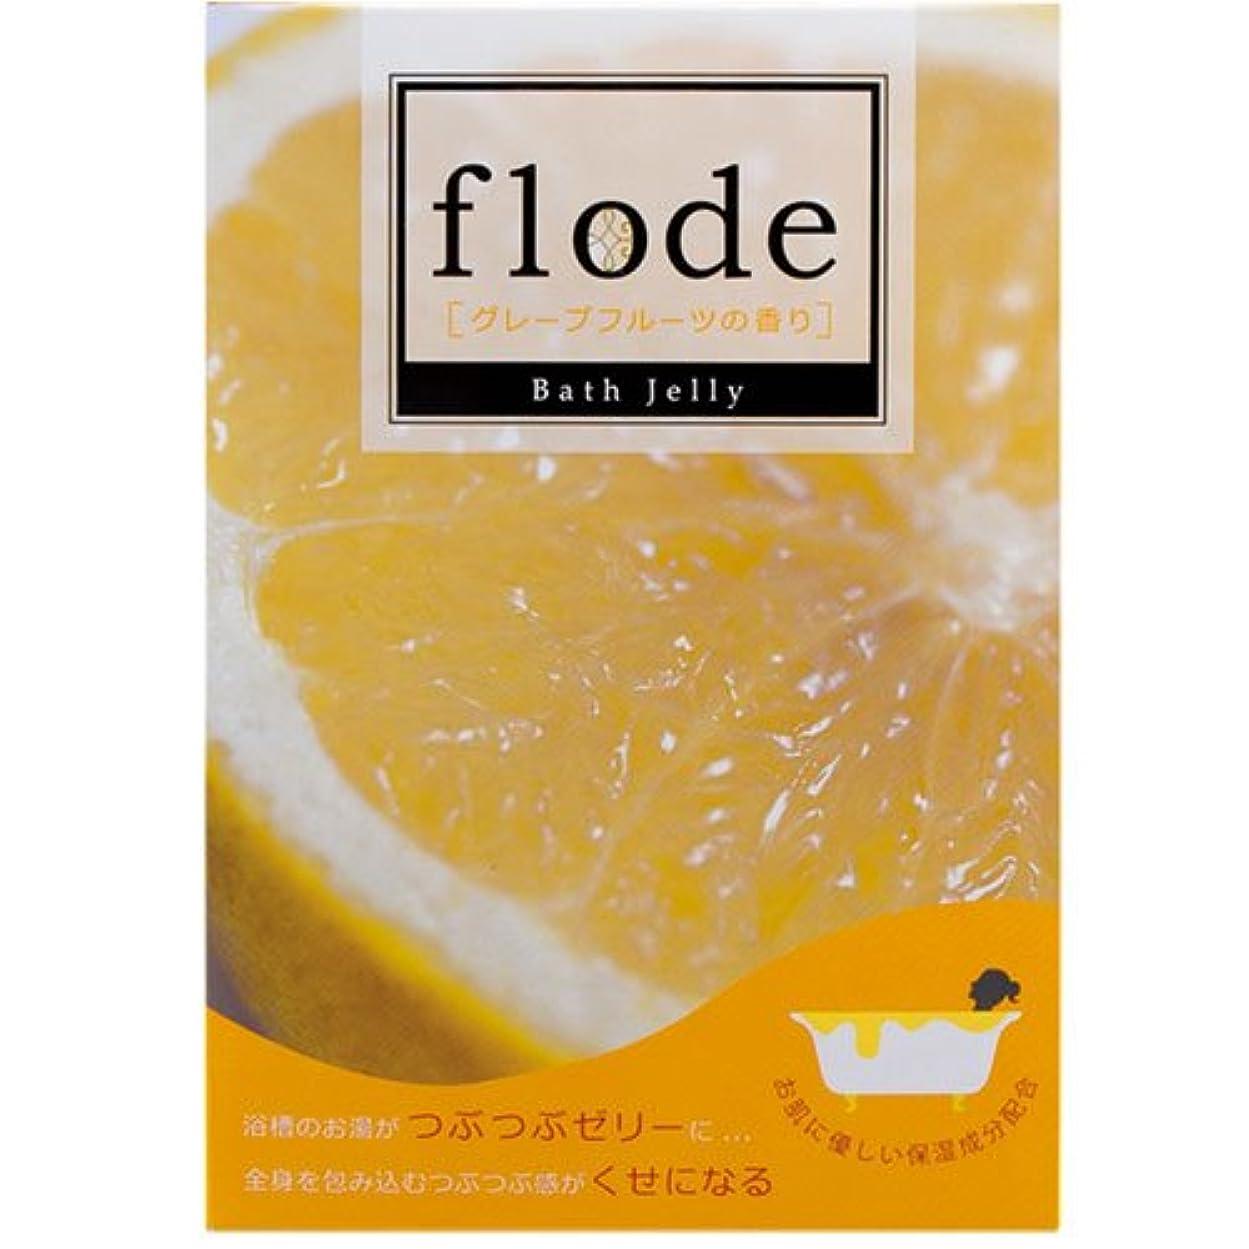 条件付きウォーターフロント正気【フローデ バスゼリー グレープフルーツの香り】